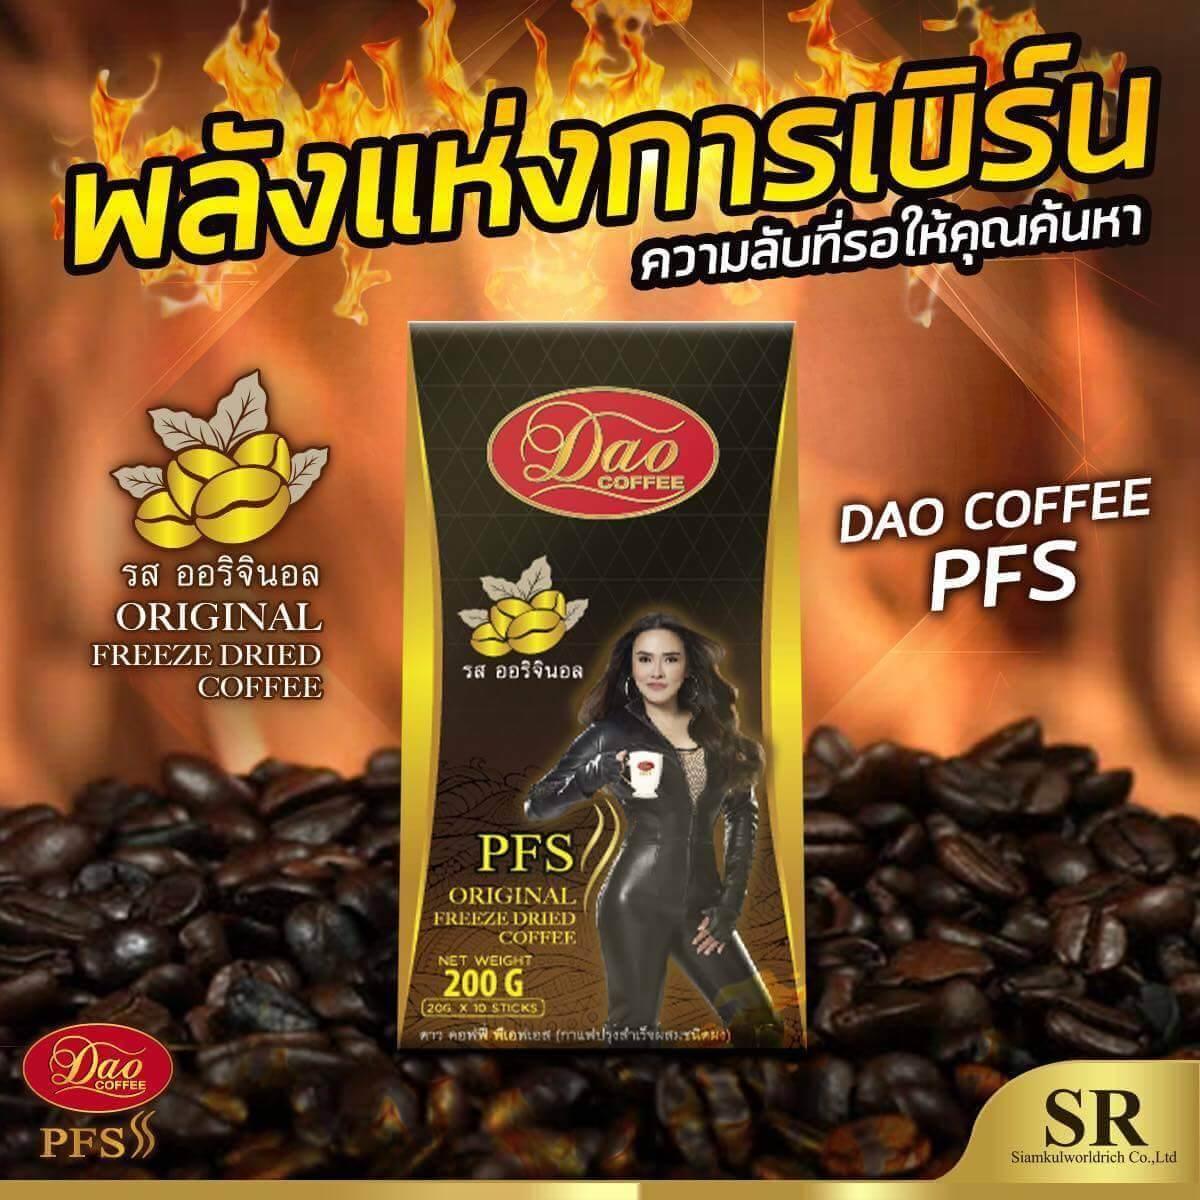 DAO COFFEE PFS